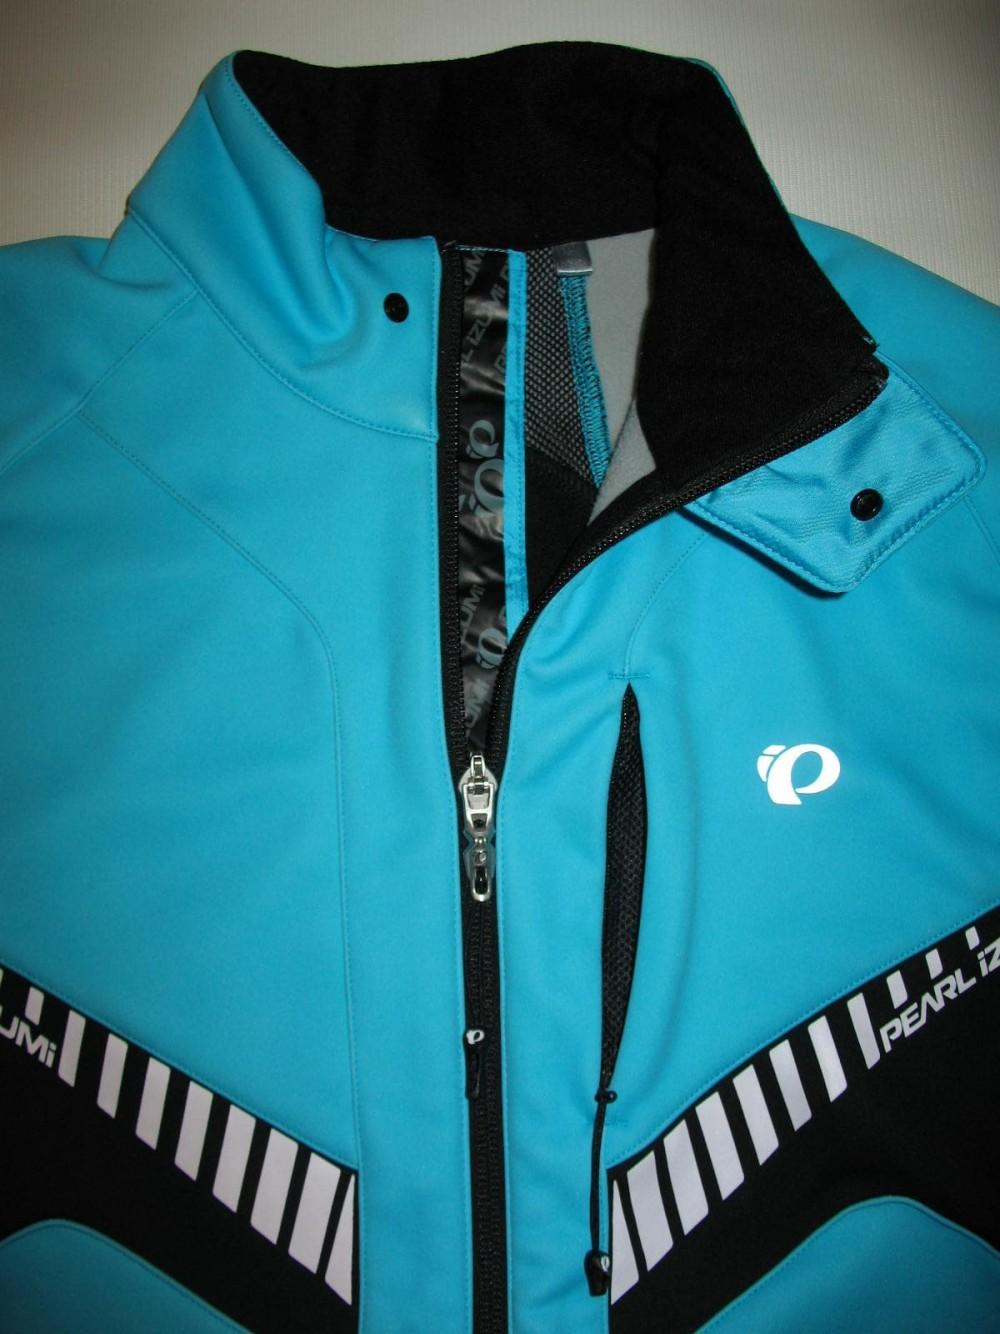 Велокуртка PEARL IZUMI elite softshell cycling jacket (размер S/M) - 5